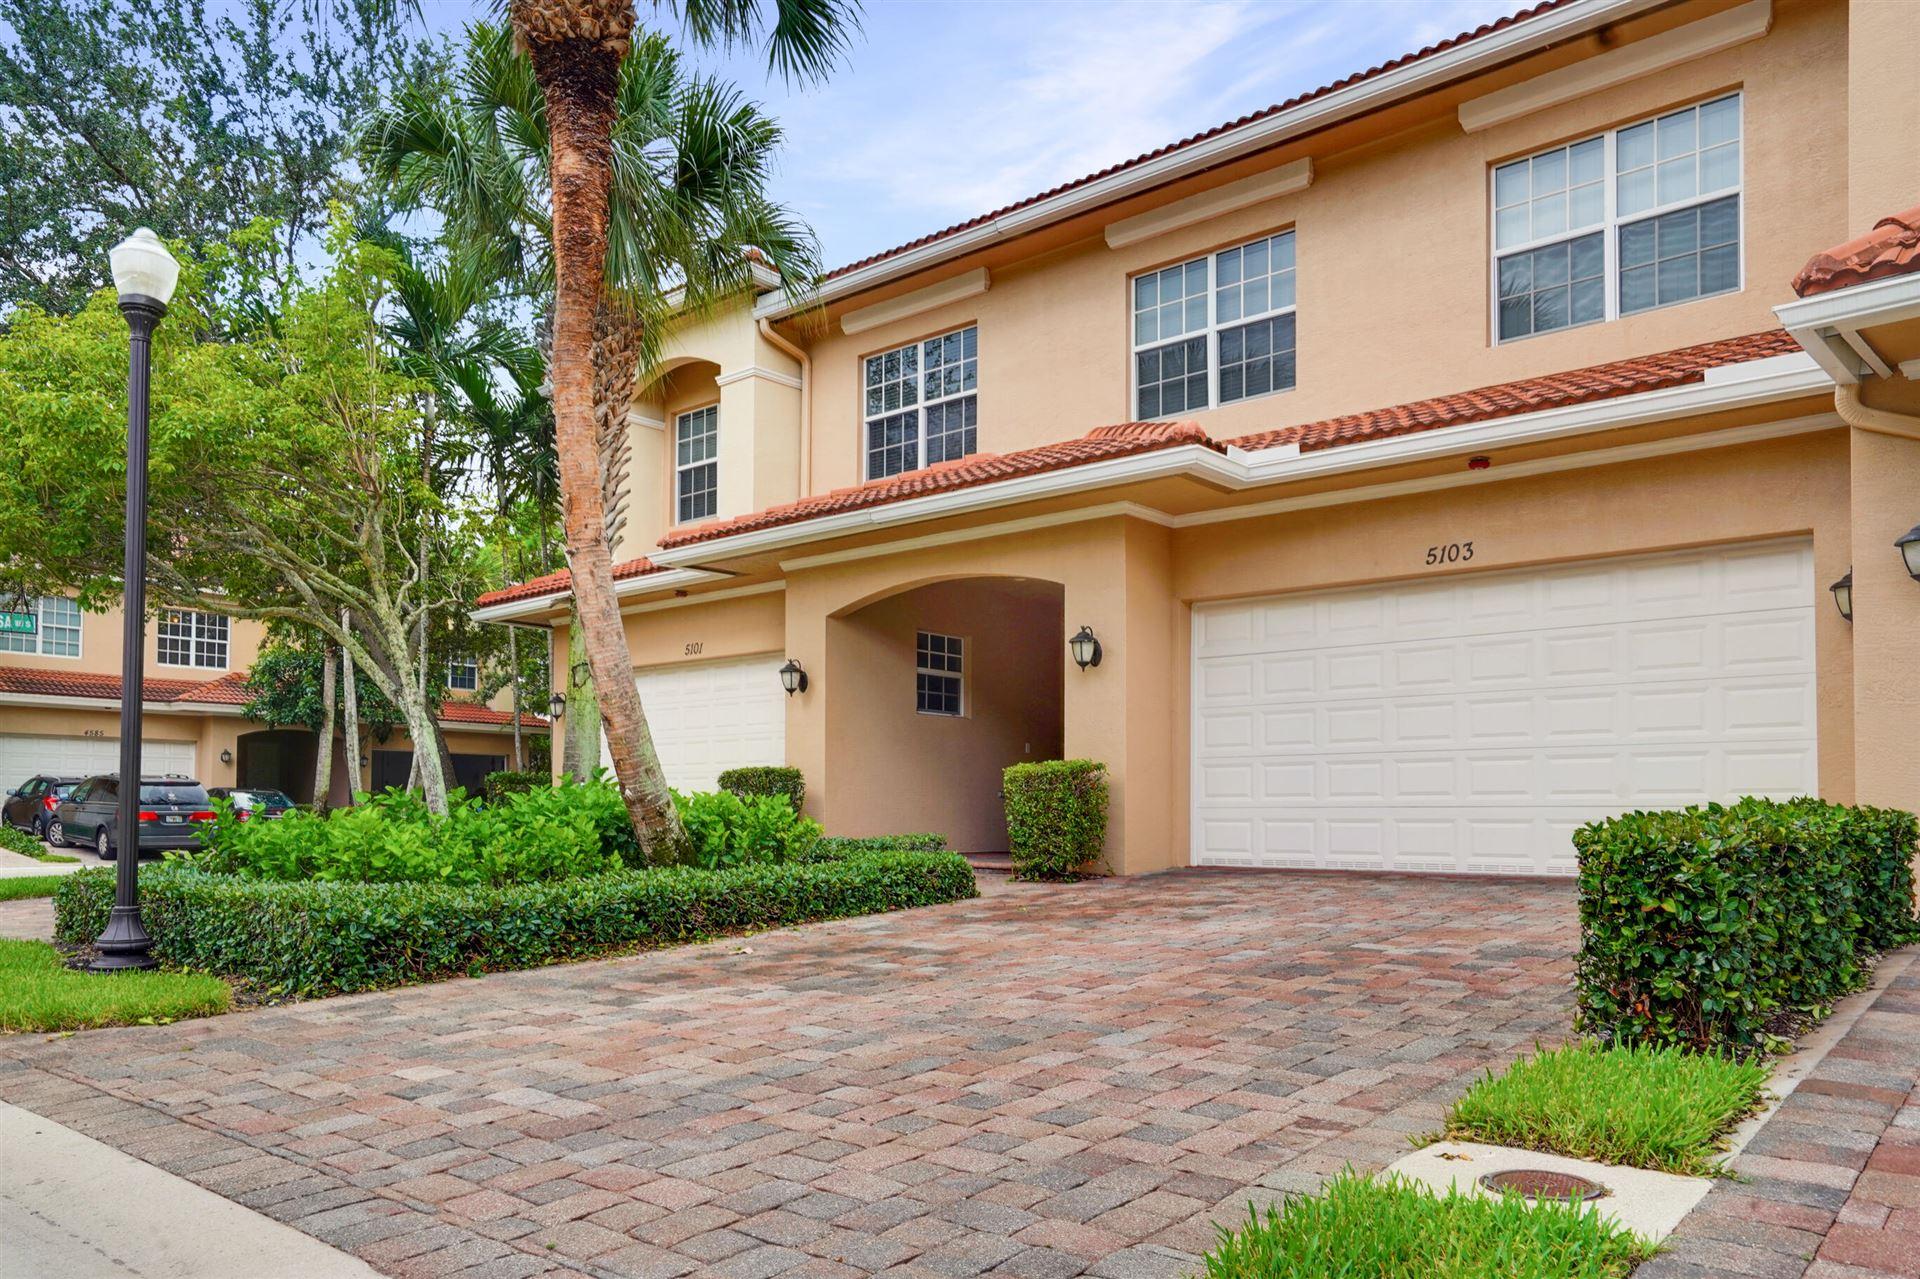 5103 Artesa Way W, Palm Beach Gardens, FL 33418 - #: RX-10744410